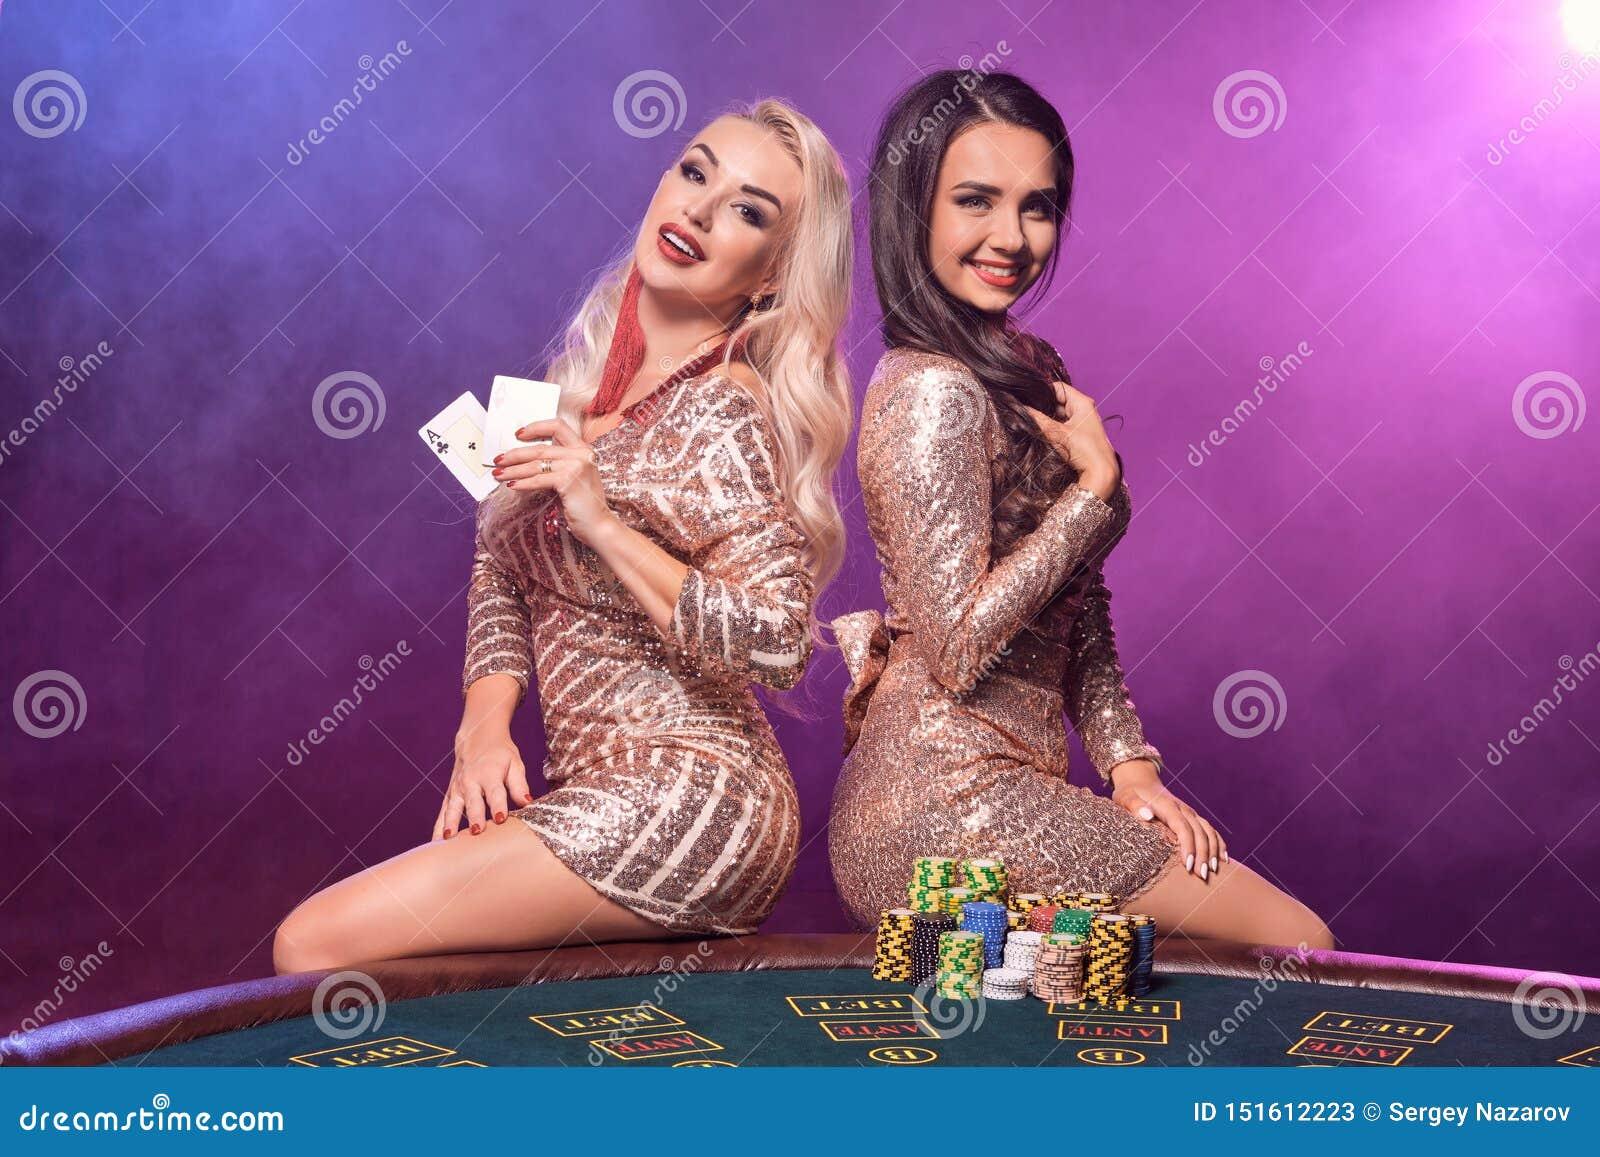 Красивые девушки с идеальные стили причесок и яркий макияж представляют положение на играя в азартные игры таблице Казино, покер